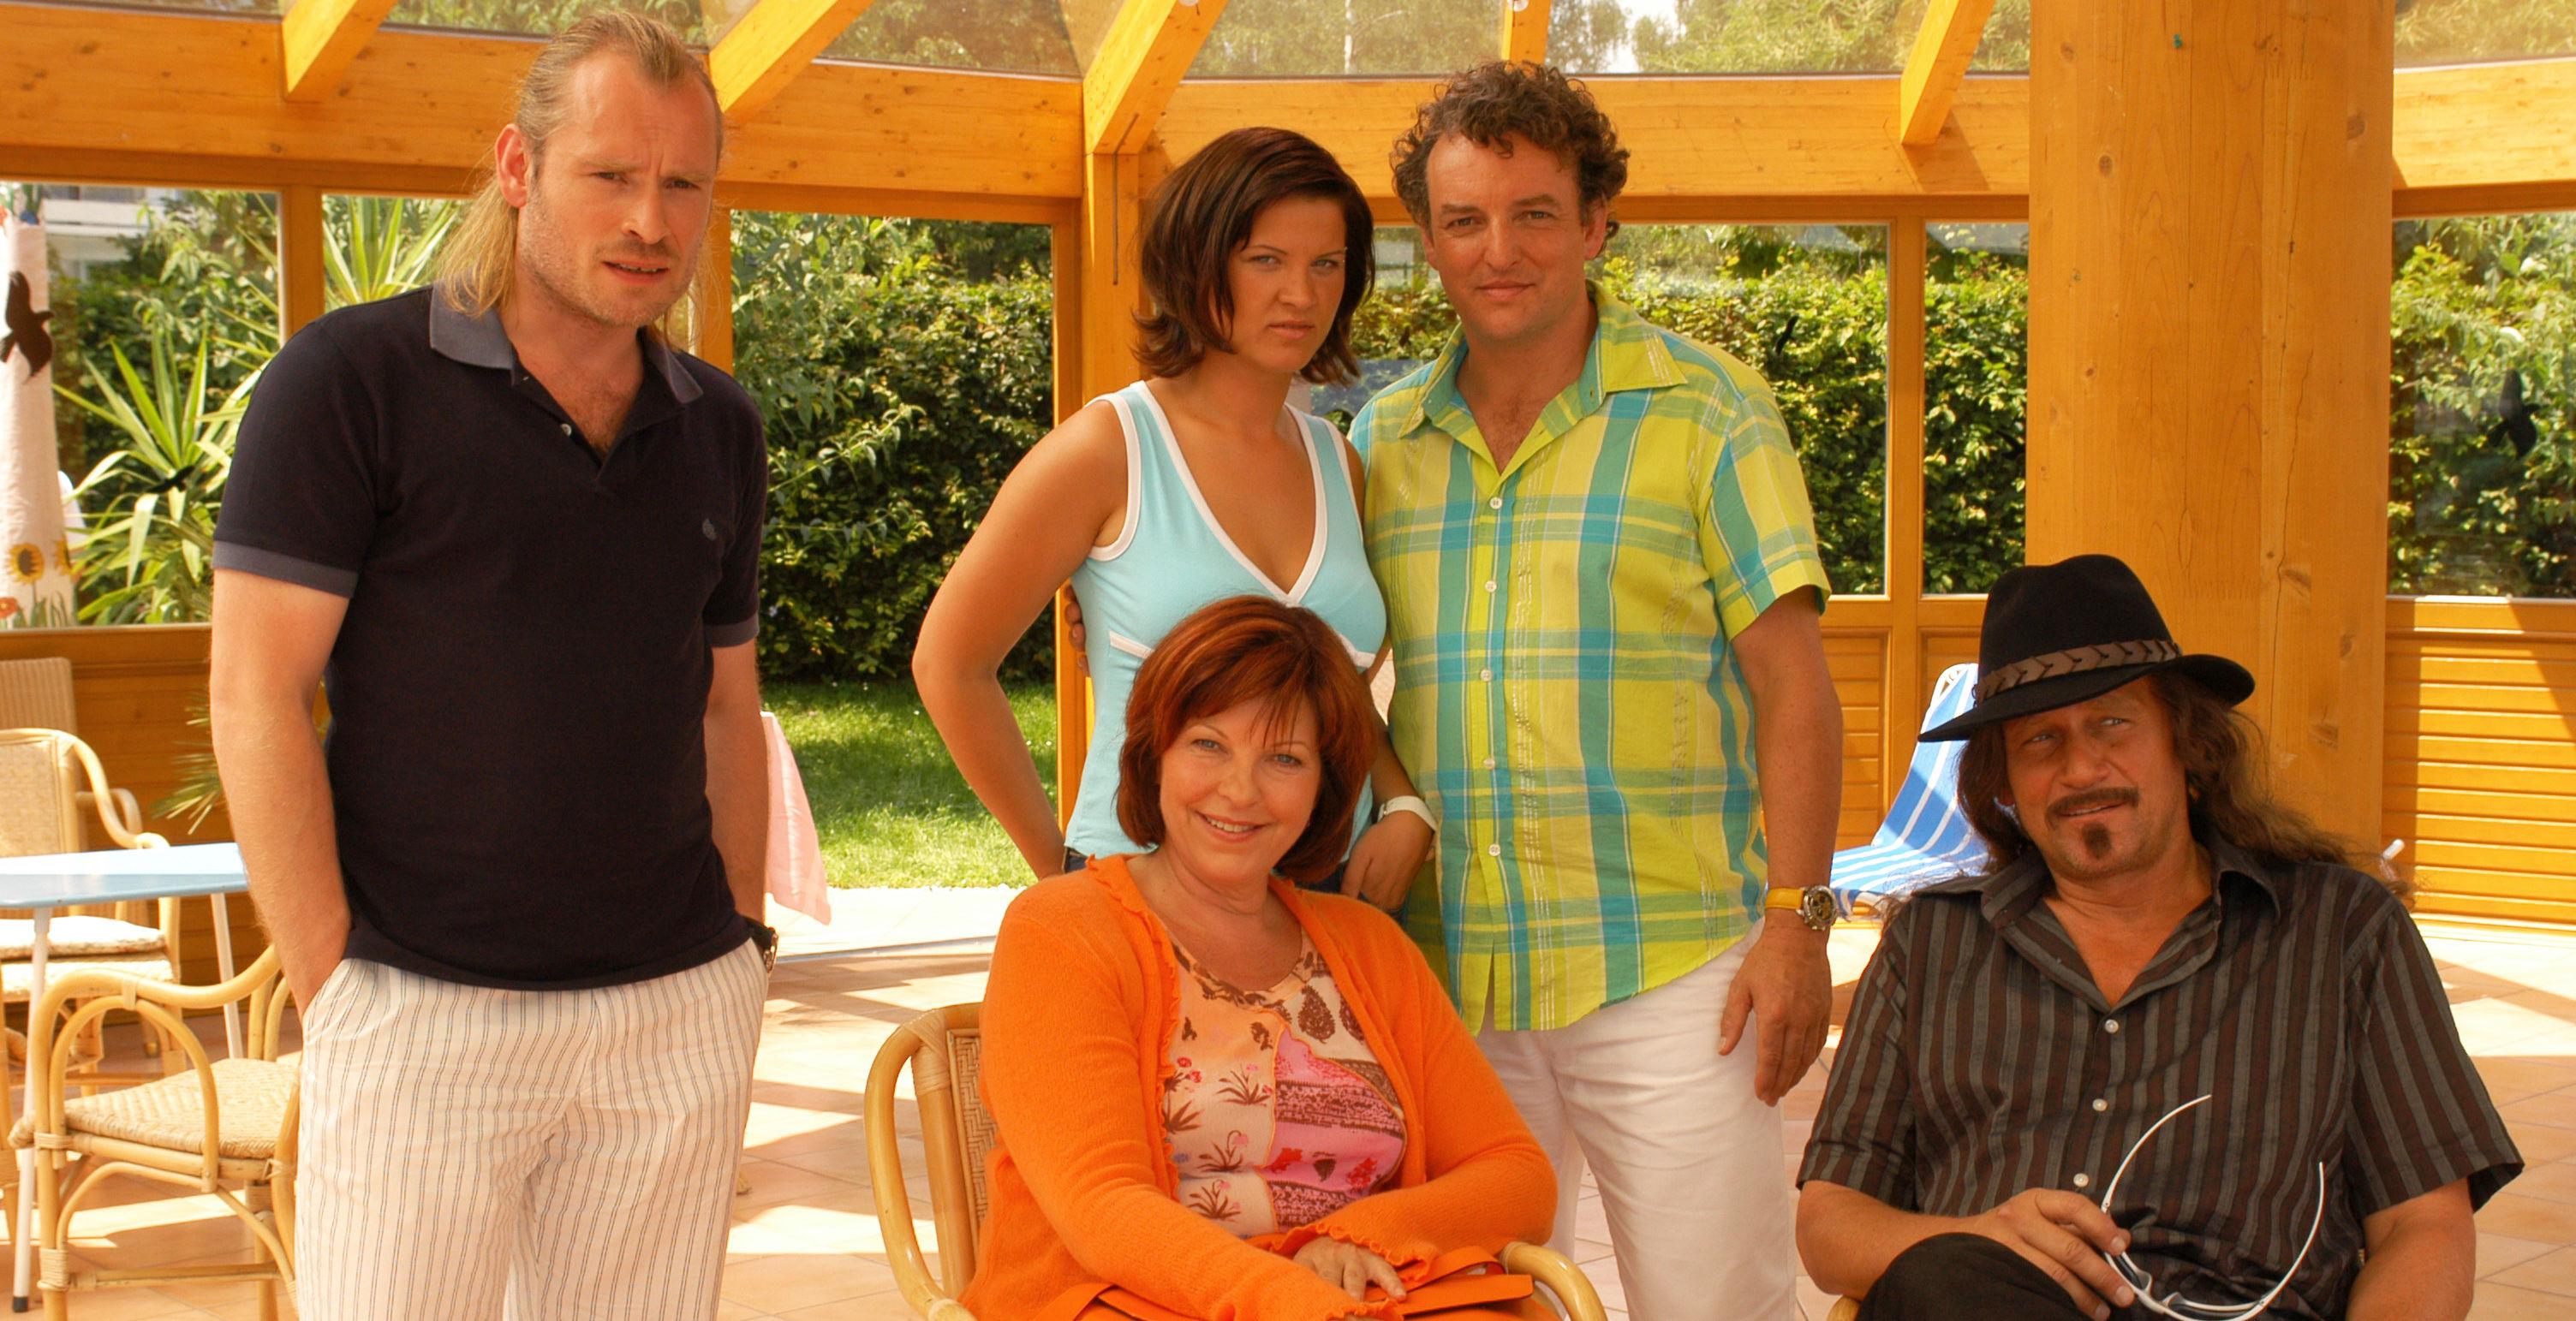 Rene (Johannes Krisch), Conny (Elfi Eschke), Shark (Magdalena Rentenberger), Freddy (Marco Rima), Larry (Rainhard Fendrich)